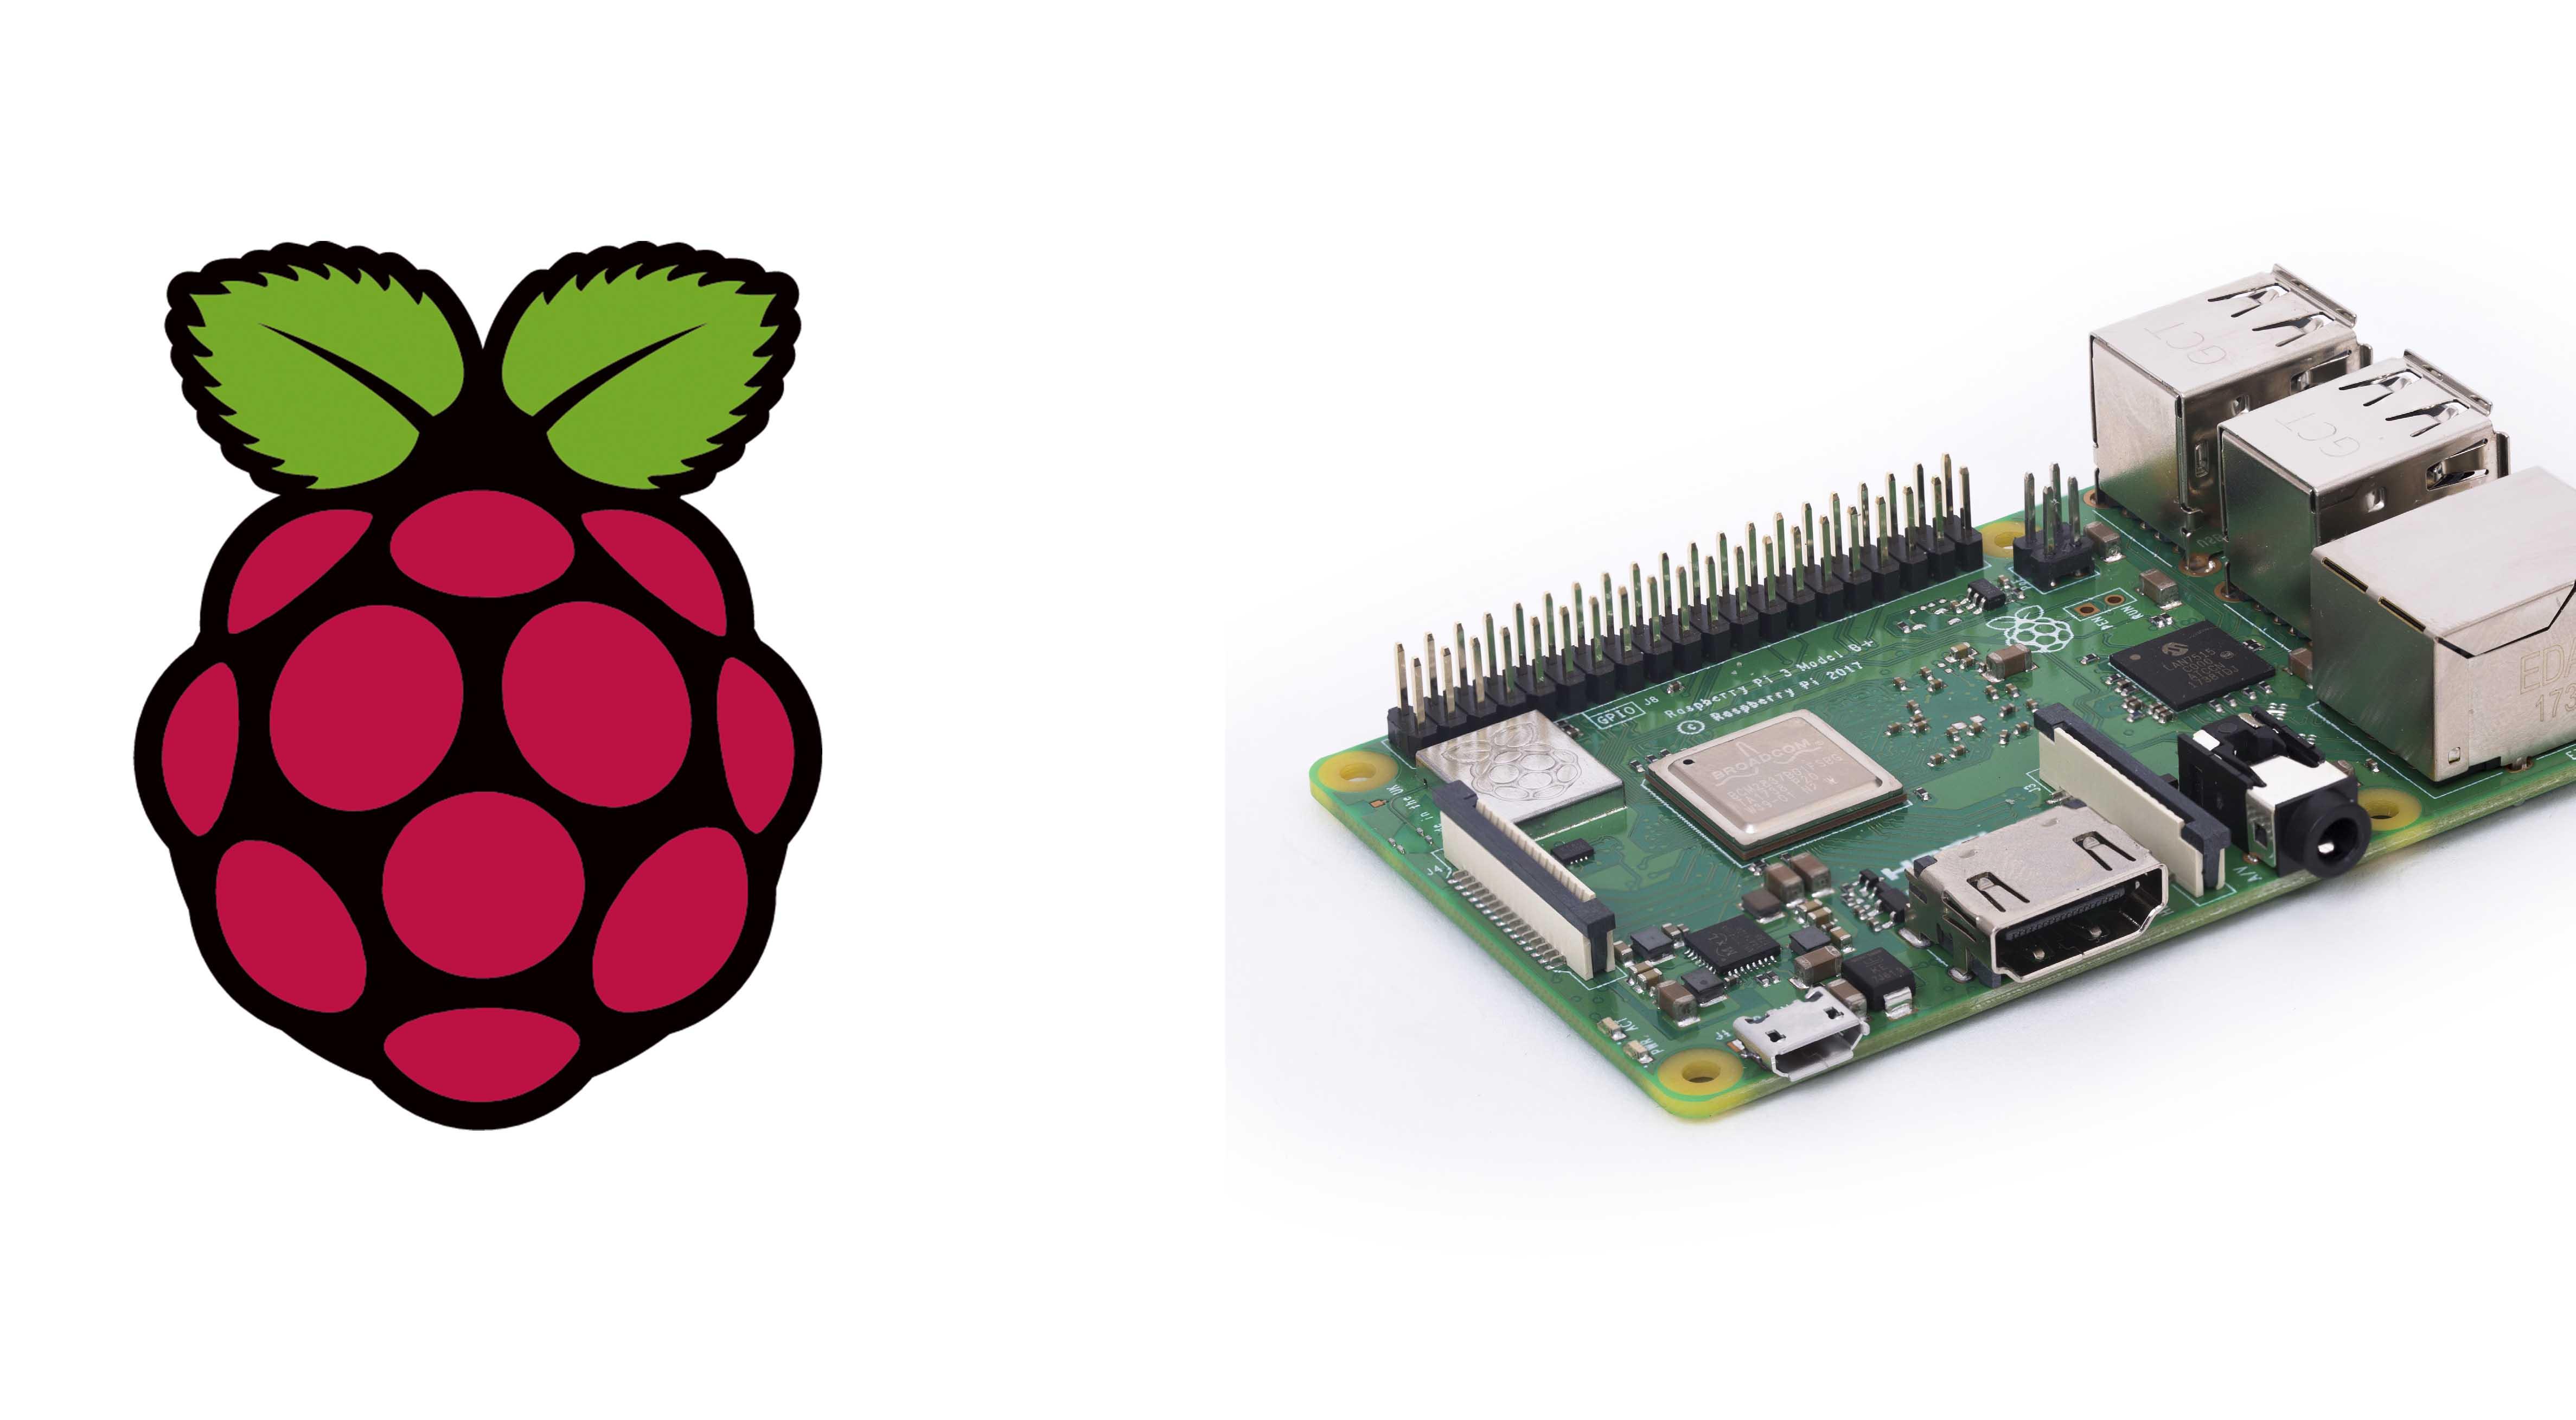 Raspberr Pi 3 Model B+